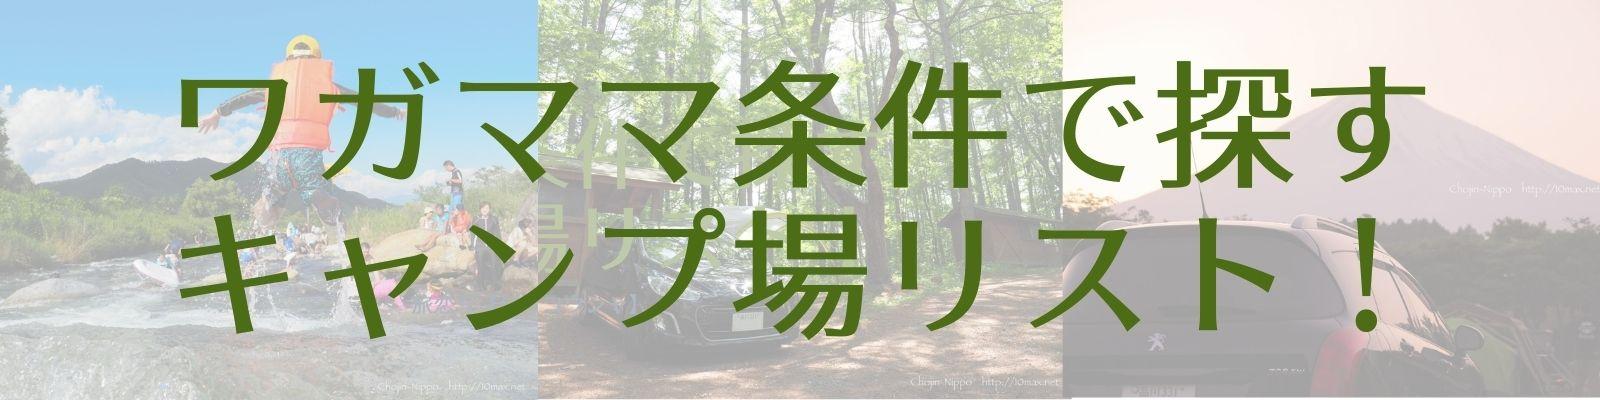 ワガママ条件で探すキャンプ場リスト